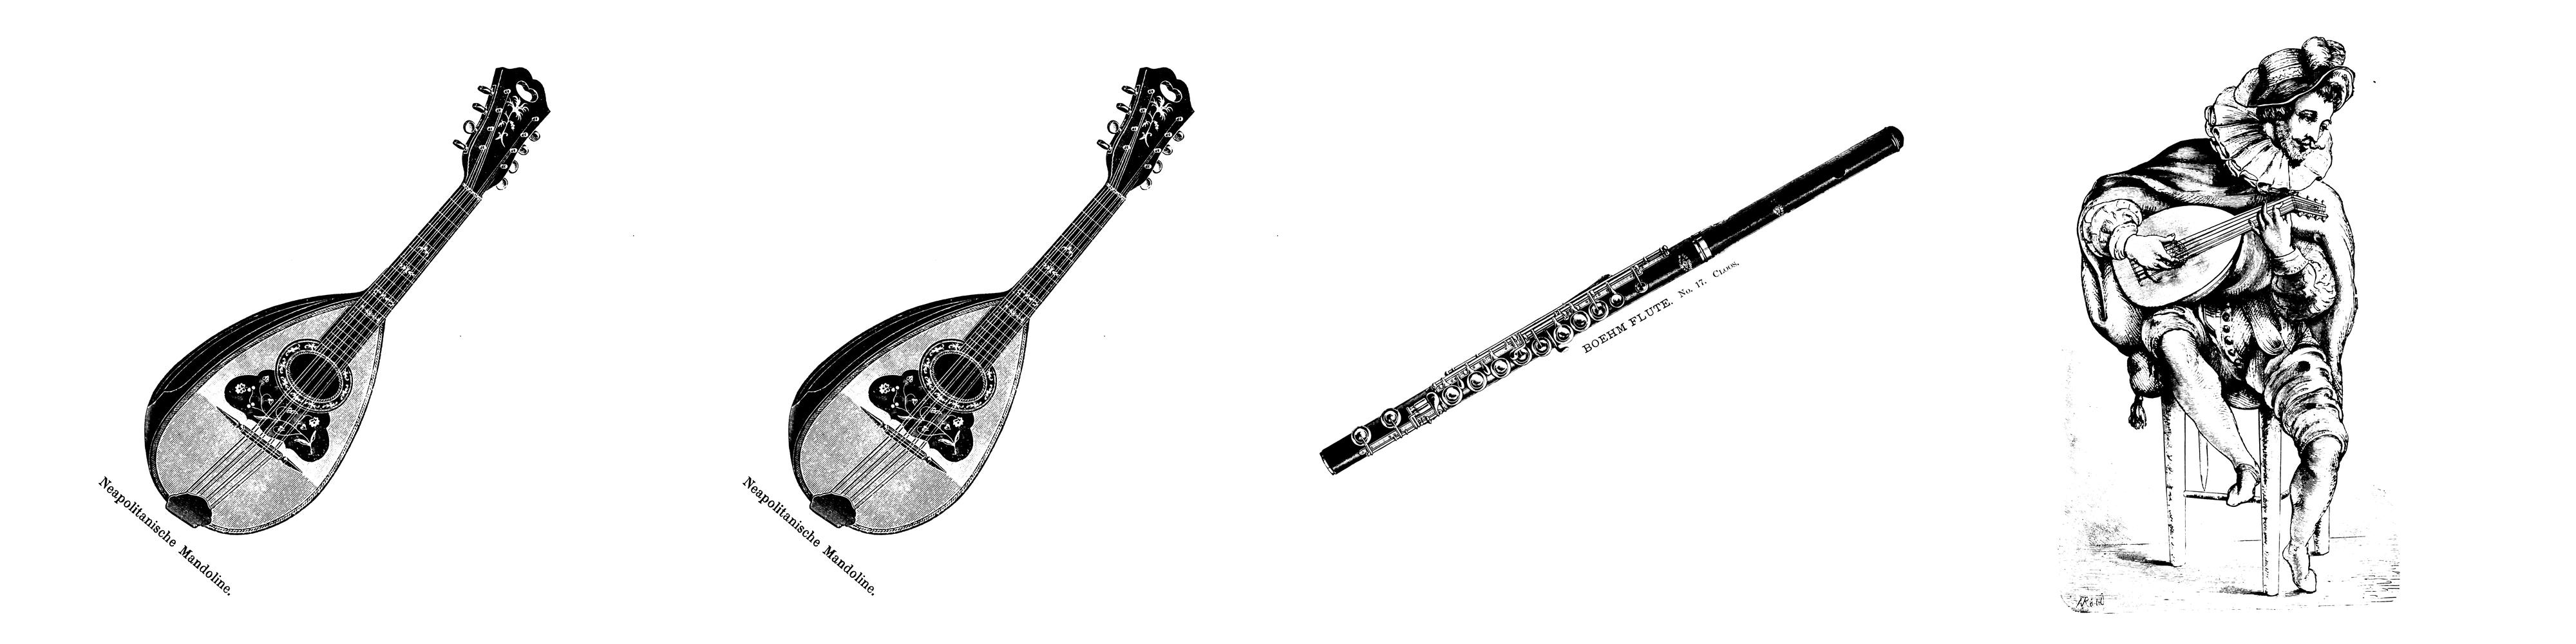 Mandoline Mandoline Querflöte Laute